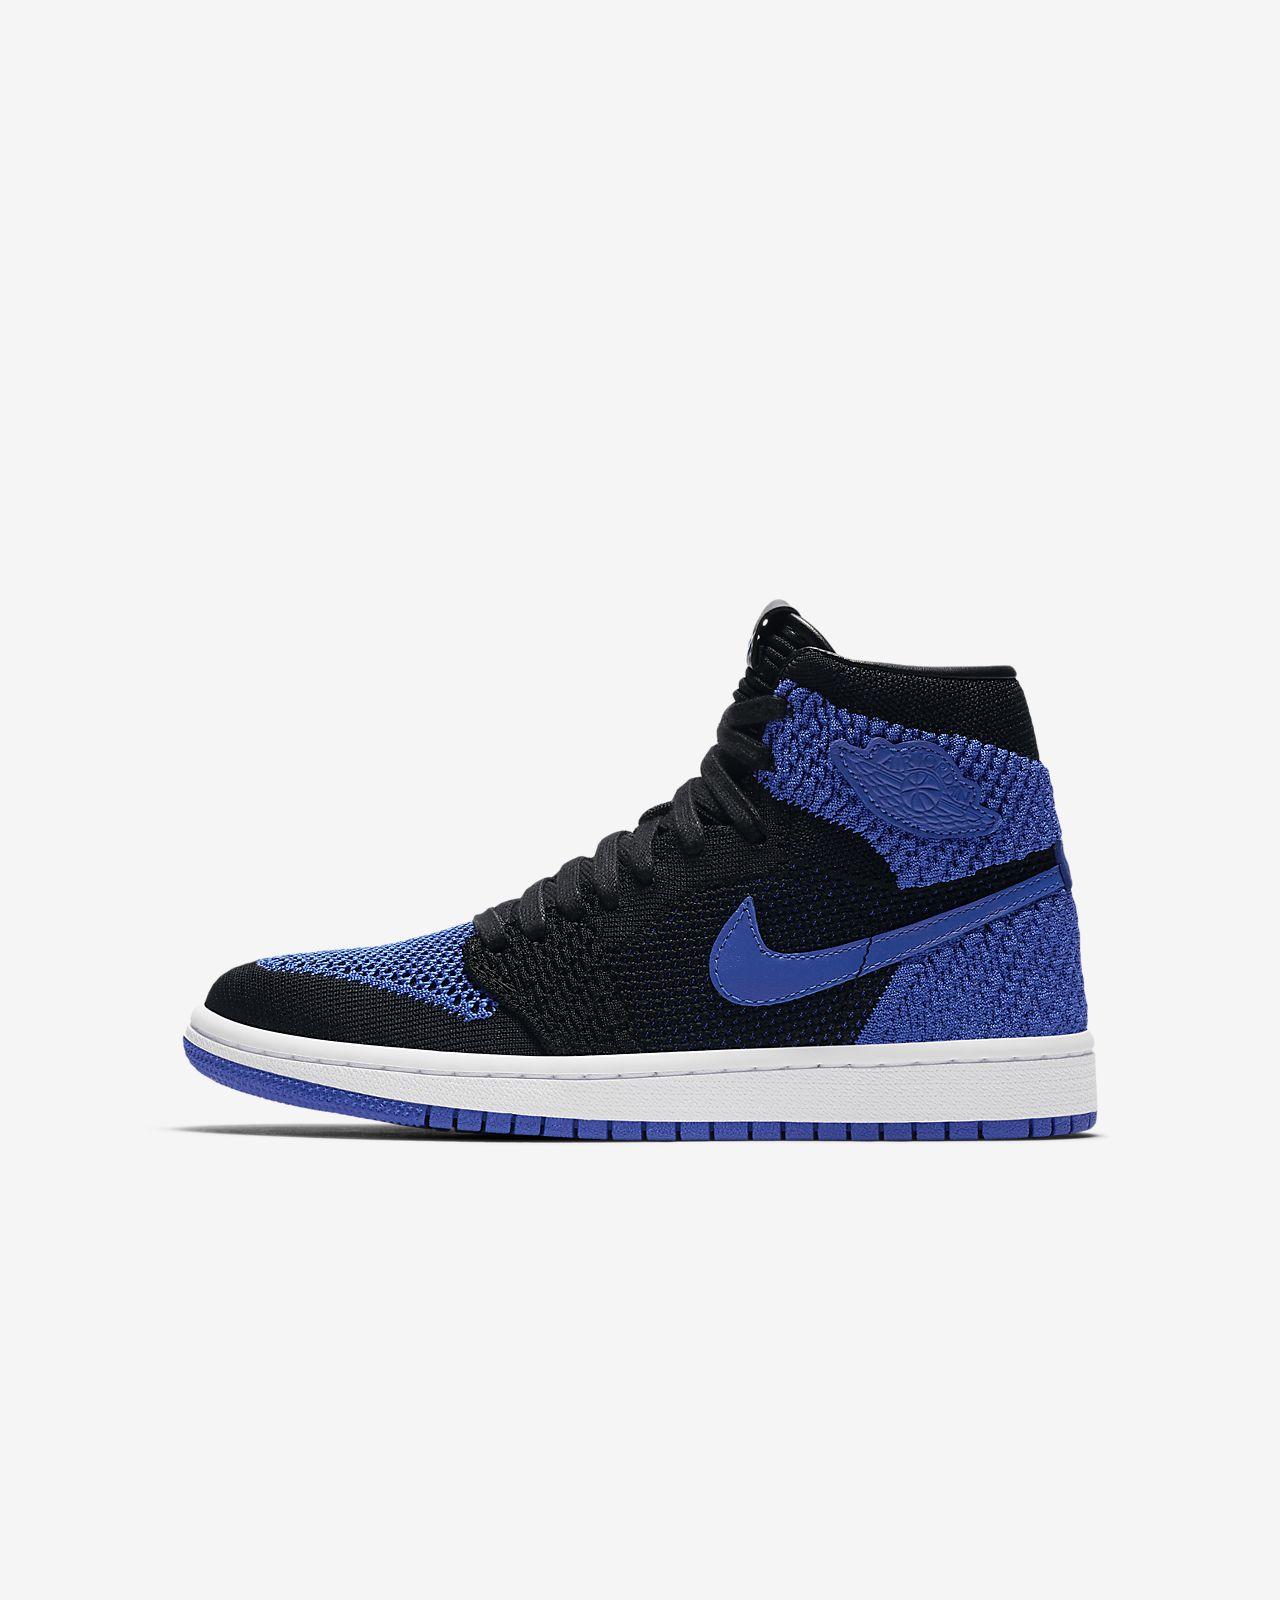 High Chaussure 1 Âgé Jordan Pour Enfant Plus Flyknit Air Retro hQBtrxsdC